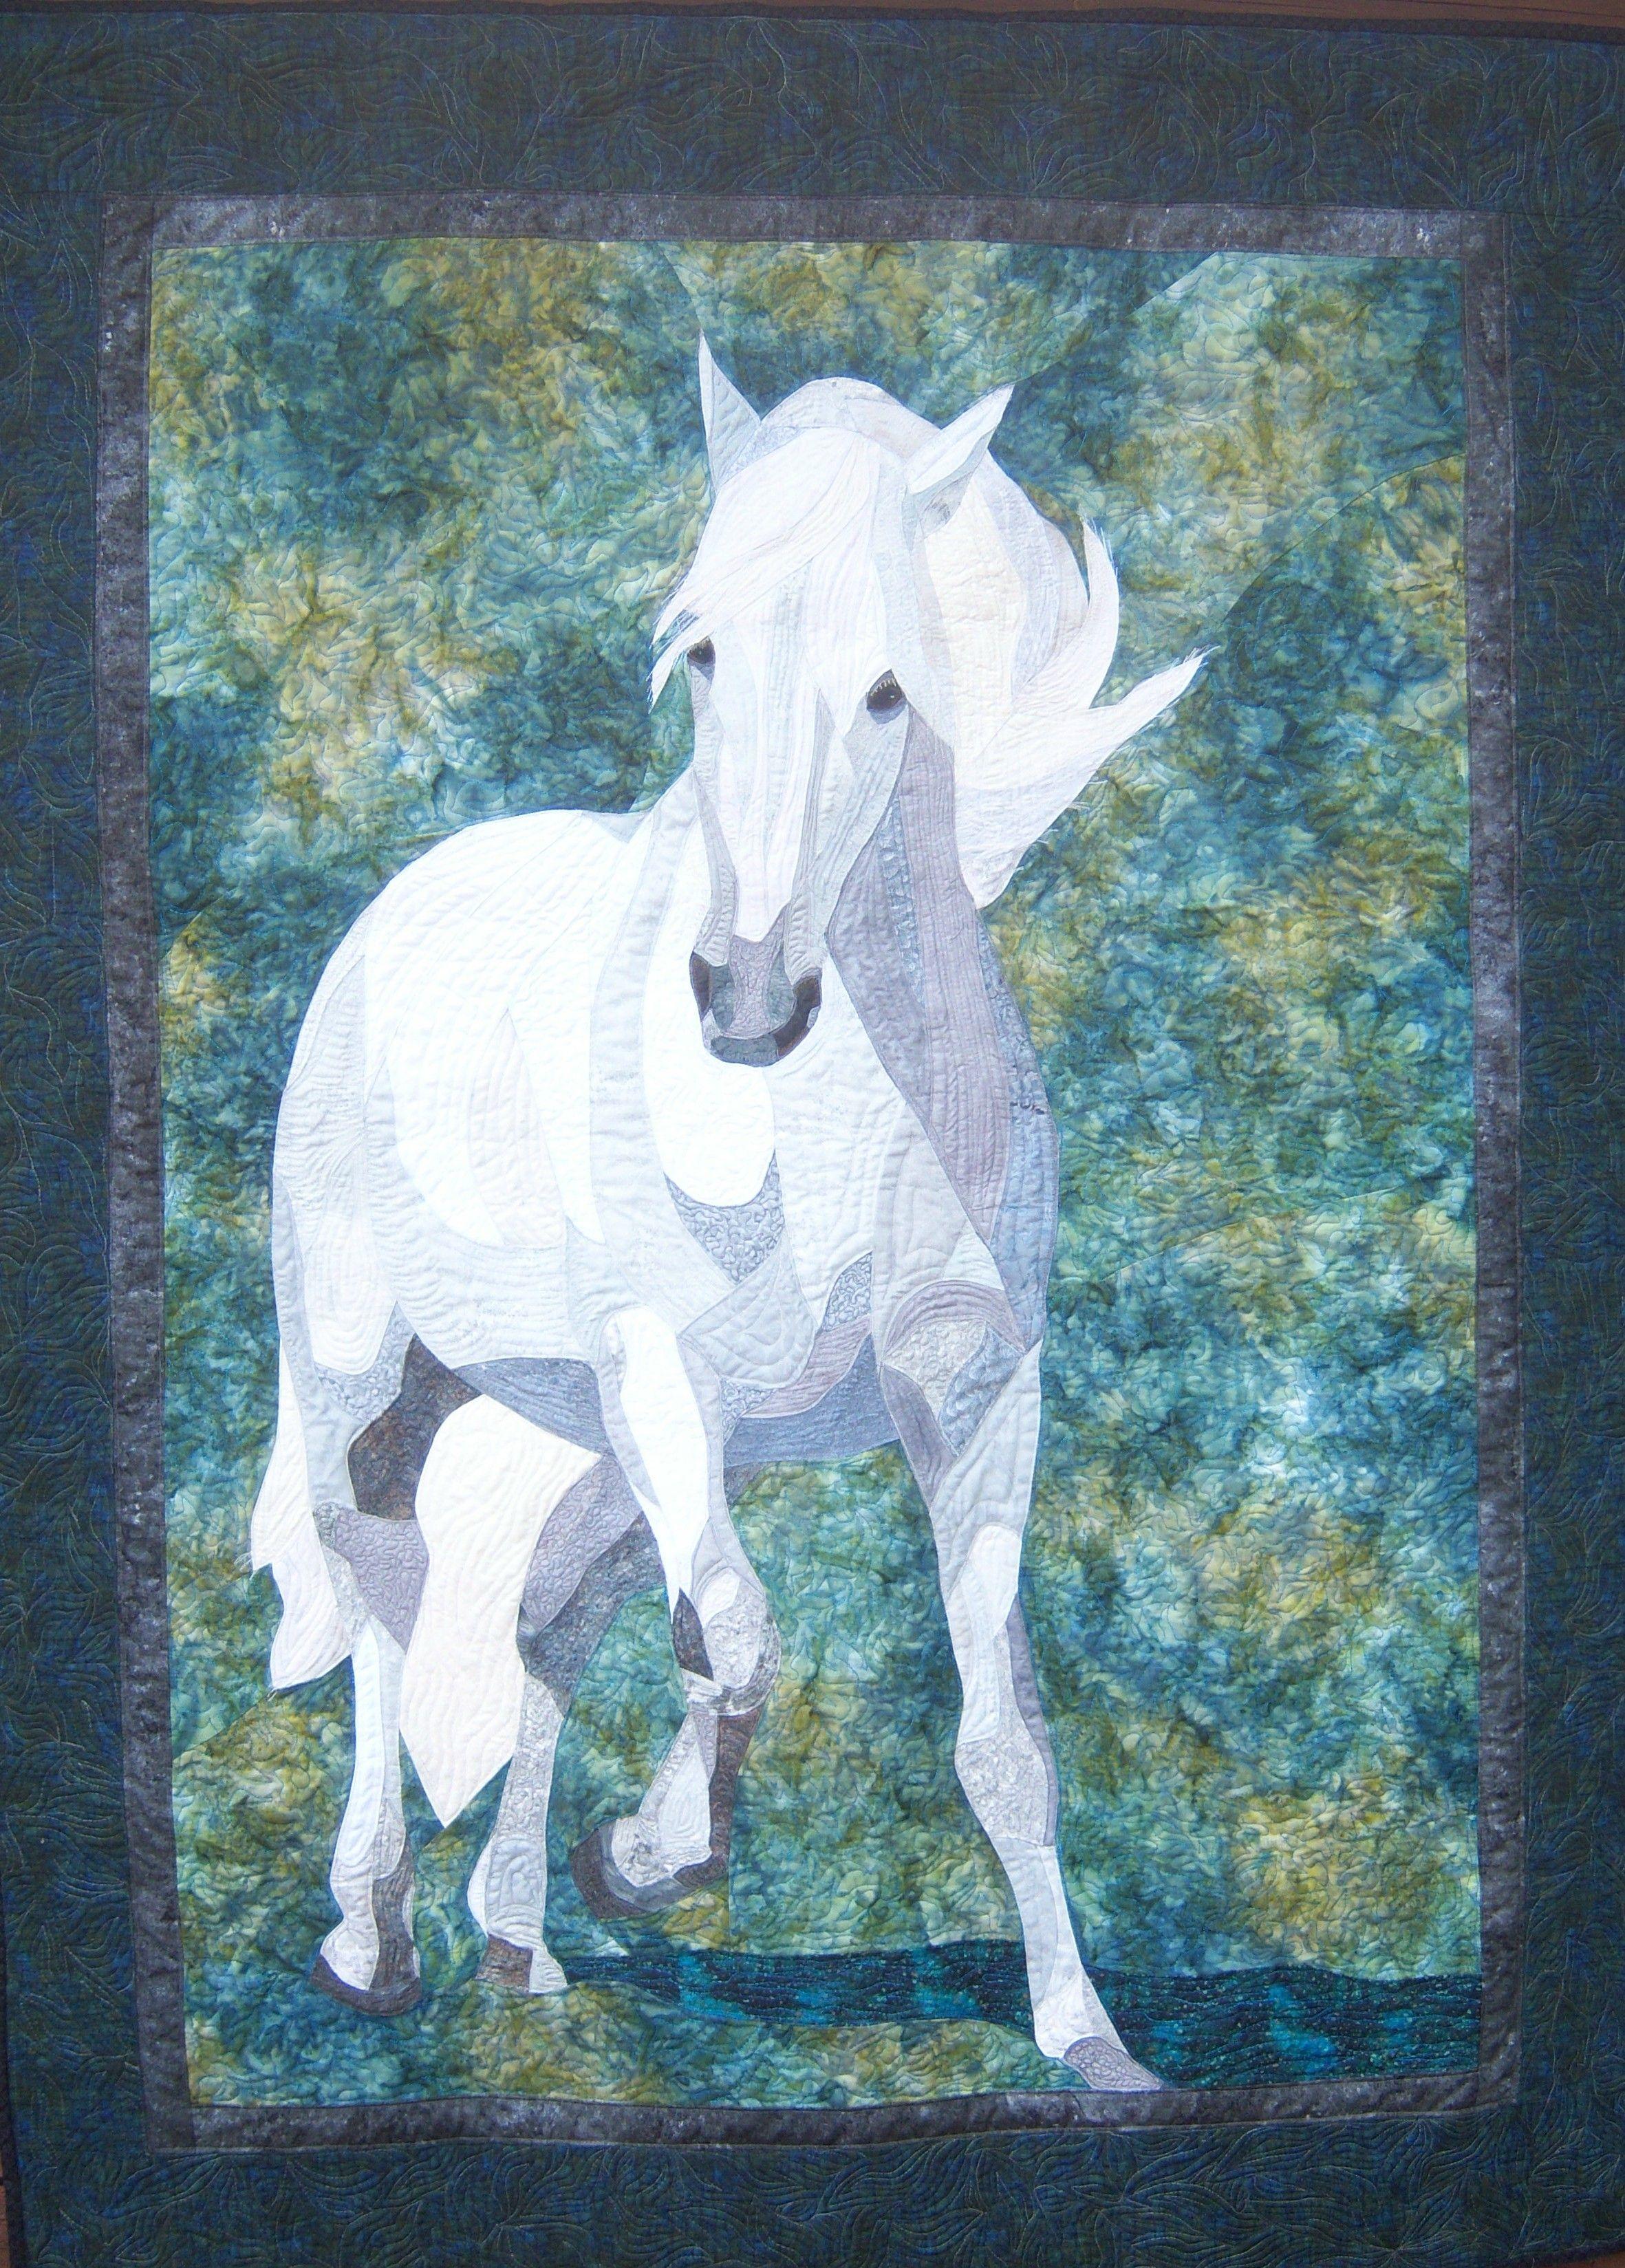 Horse Applique Quilt Patterns